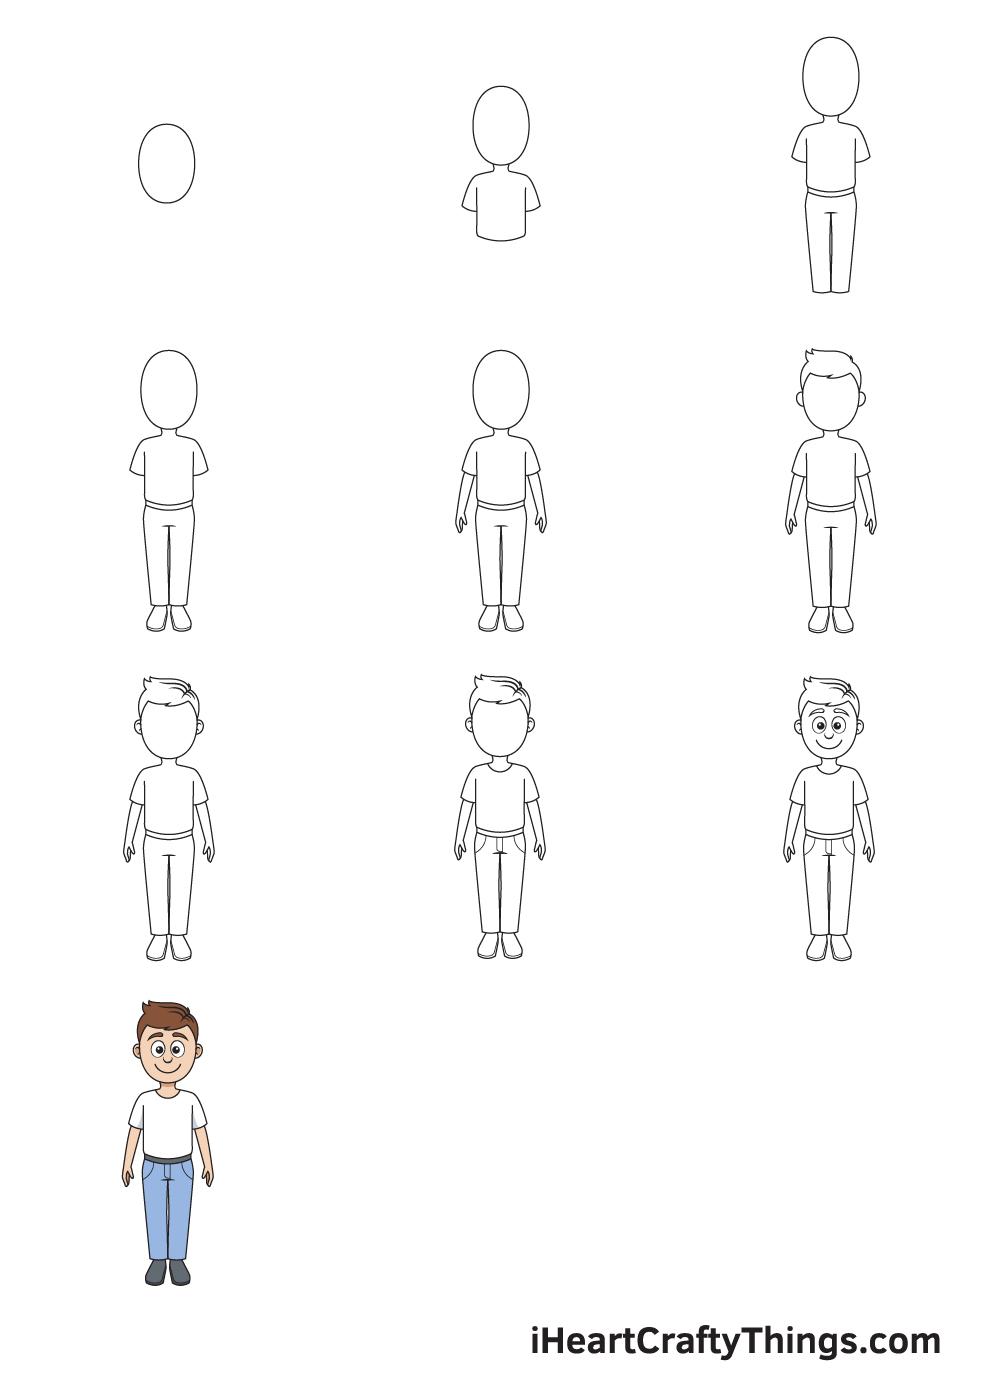 drawing cartoon people in 9 easy steps